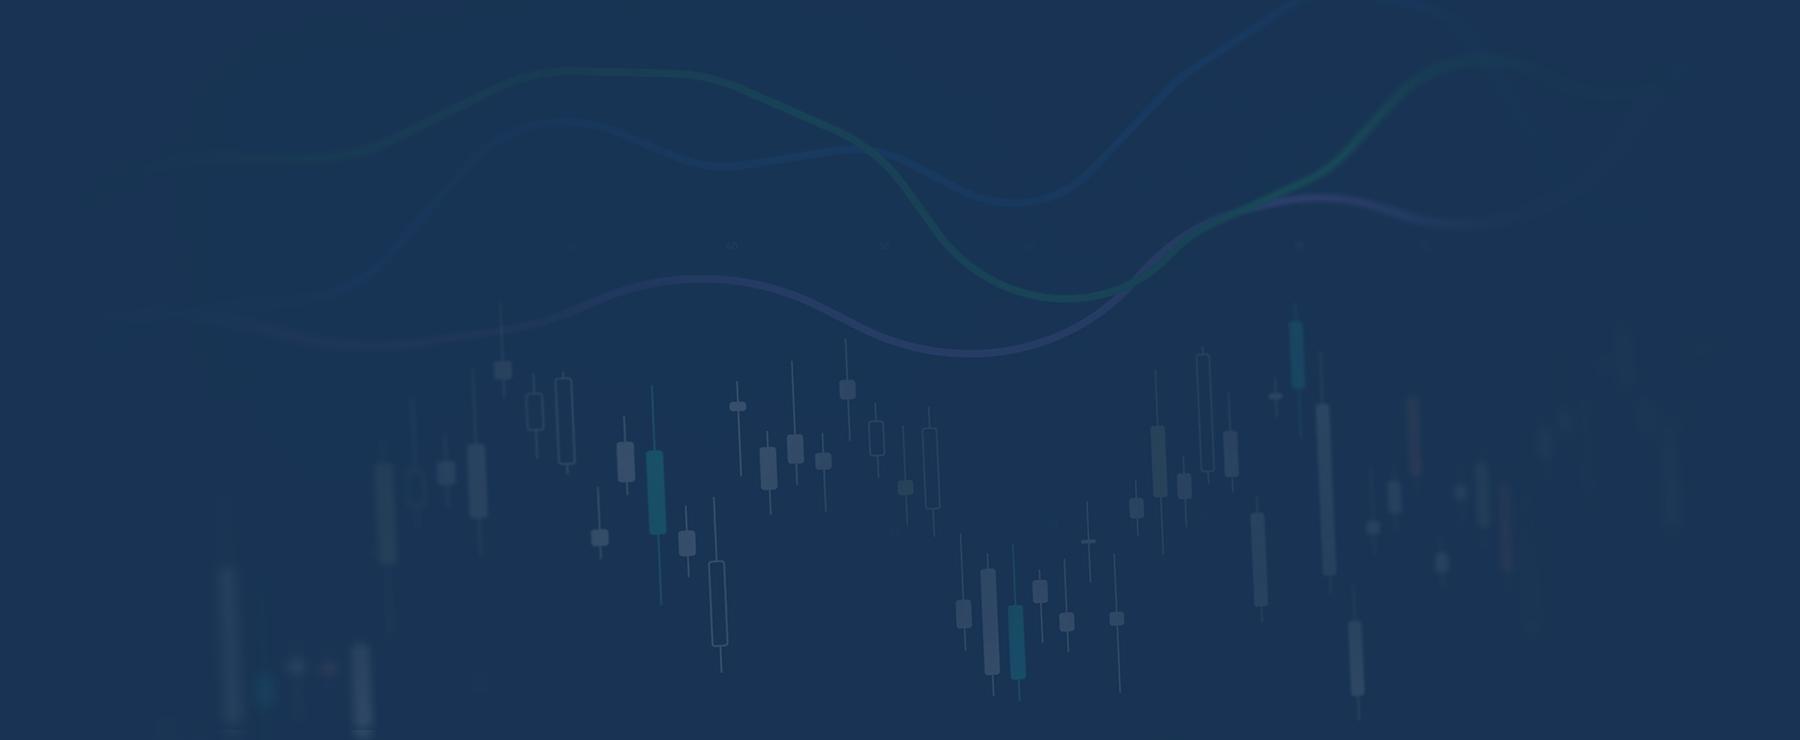 3 nejlepší brokery pro obchodování akcií [sponzorovaný článek]